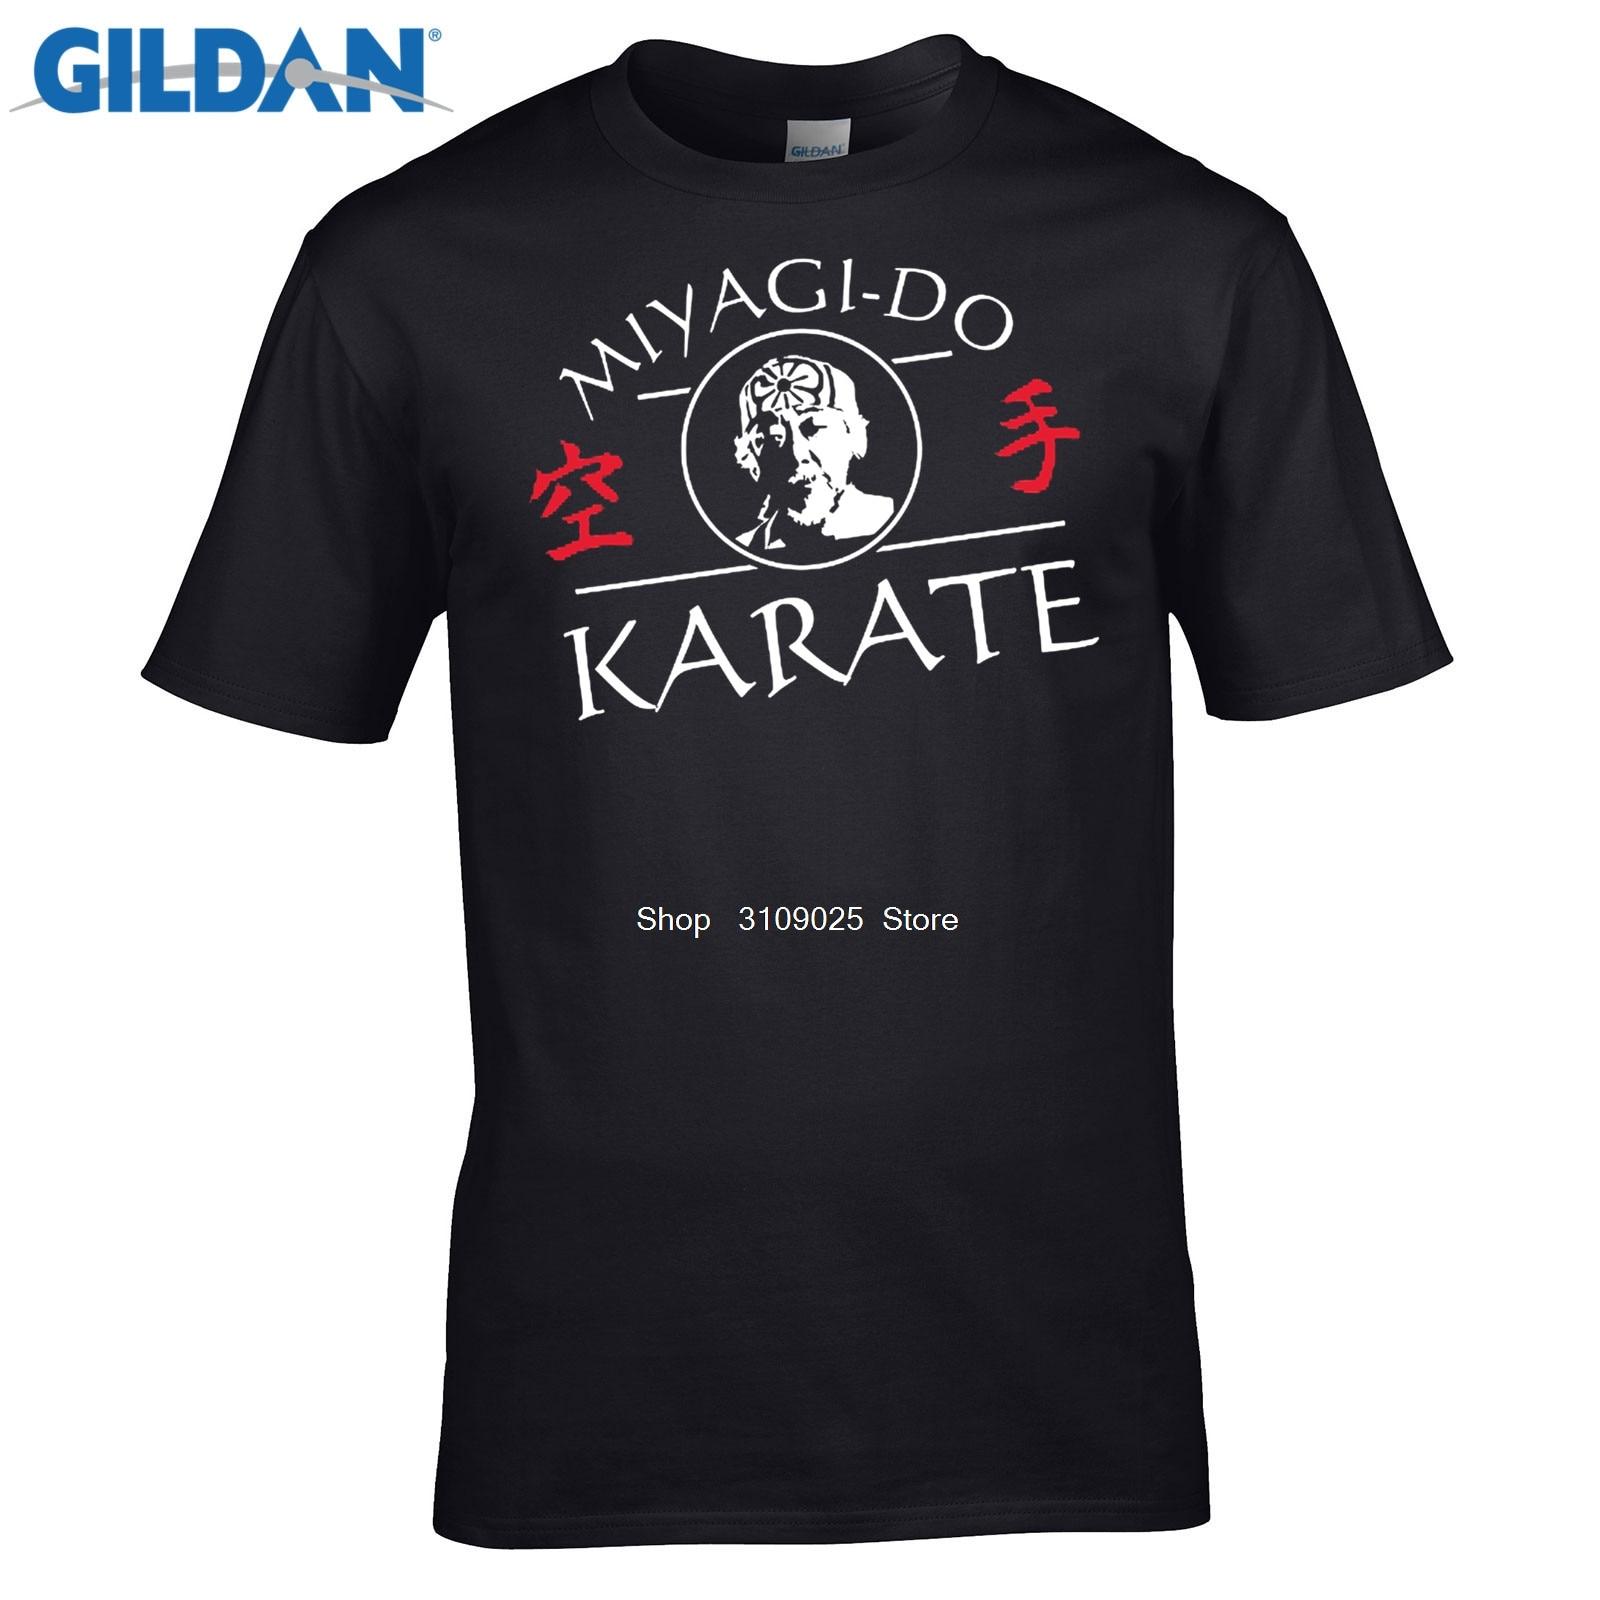 Возьмите Смешные люди Хлопковая футболка Мияги-сделать каратеmr Миягикунг-фуkarate kidразвлечениясделать футболка S